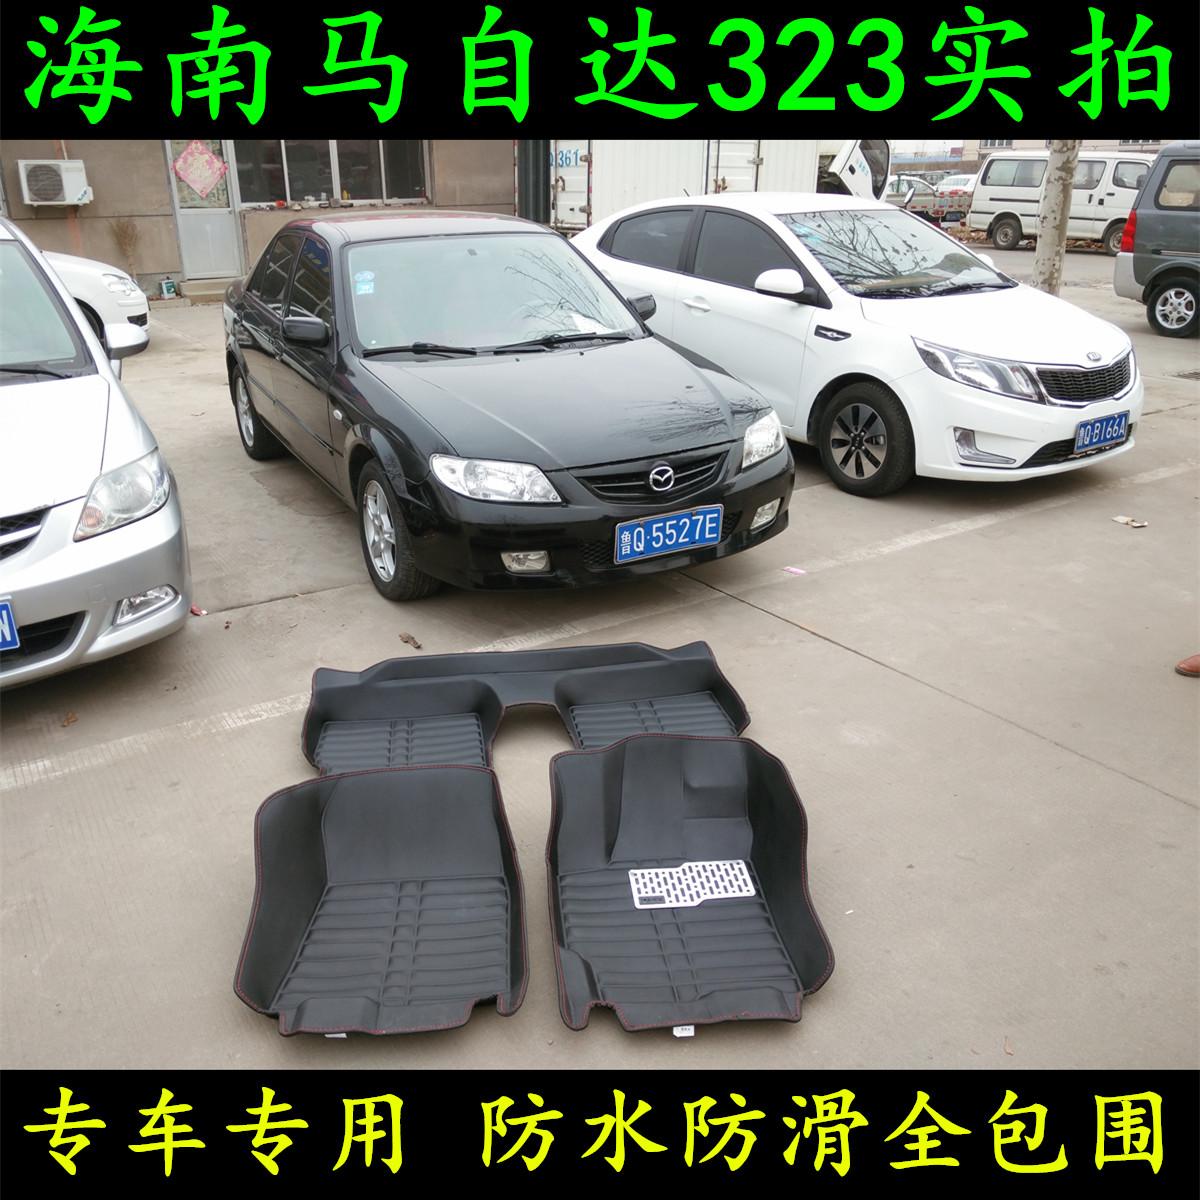 Коврики для автомобиля Jin Jieyu 323 323 323 оборудование для гостиниц и ресторанов jin 4s